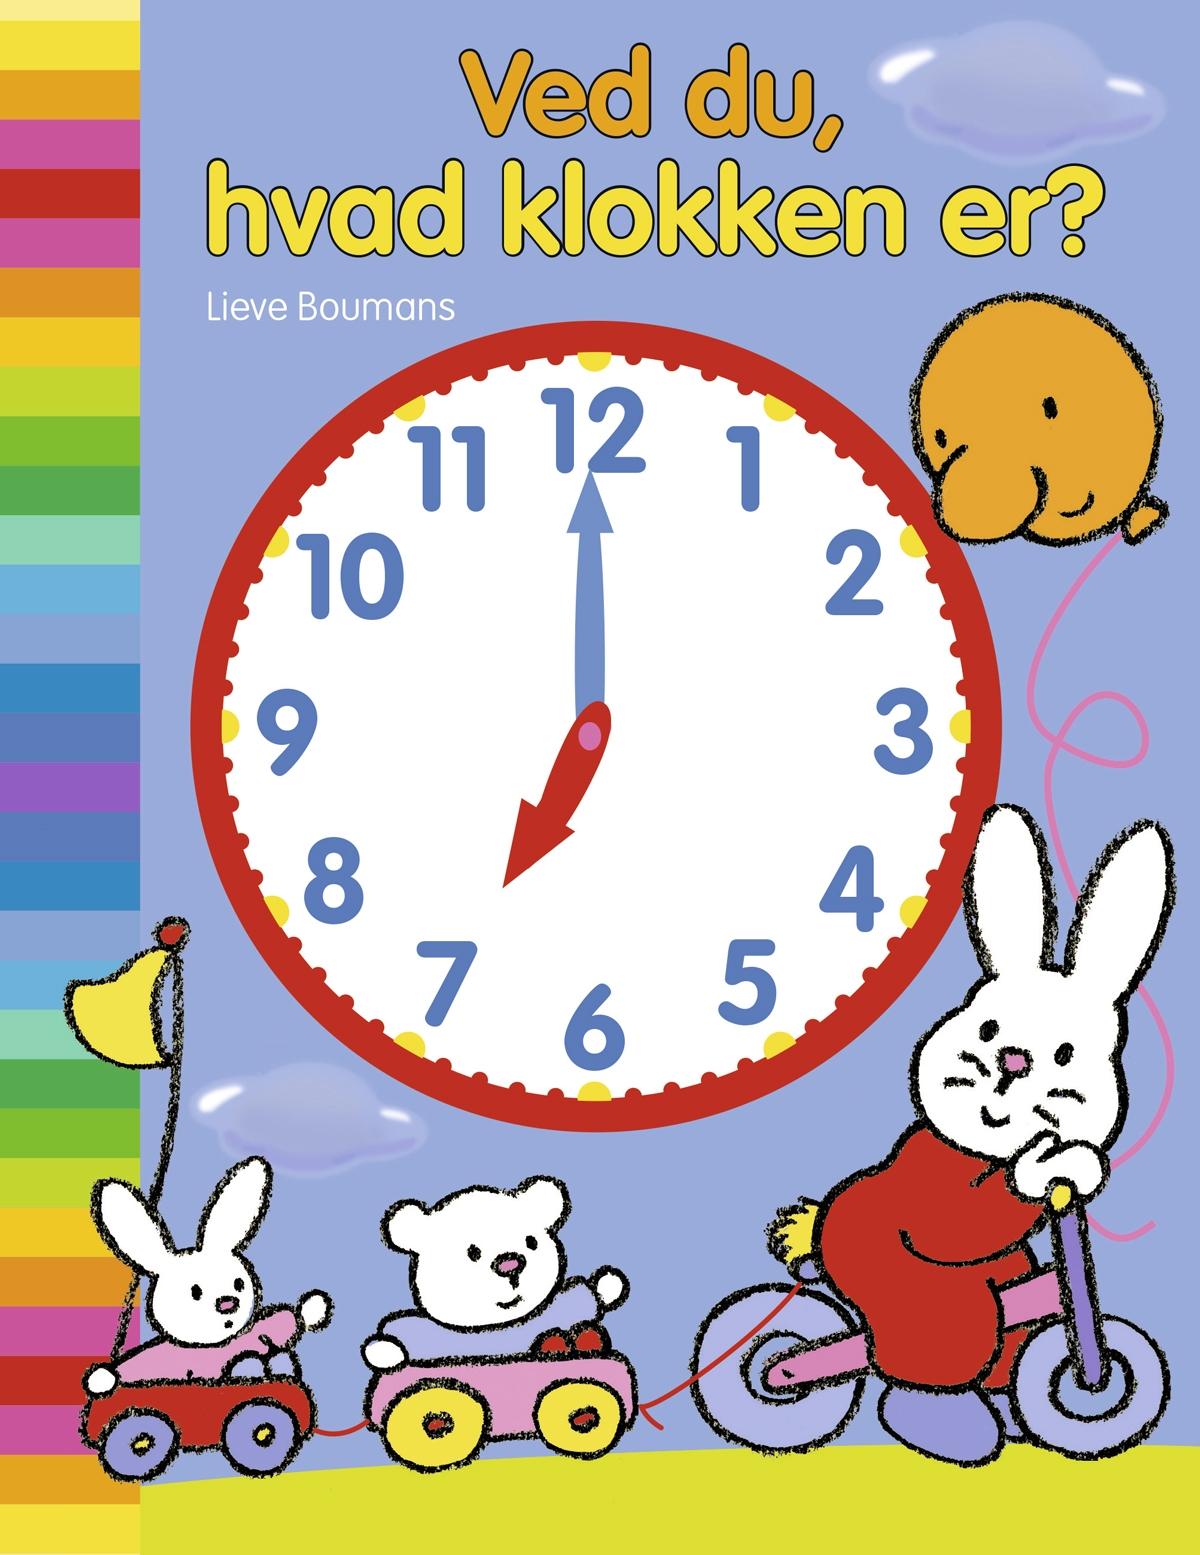 Ved du hvad klokken er?